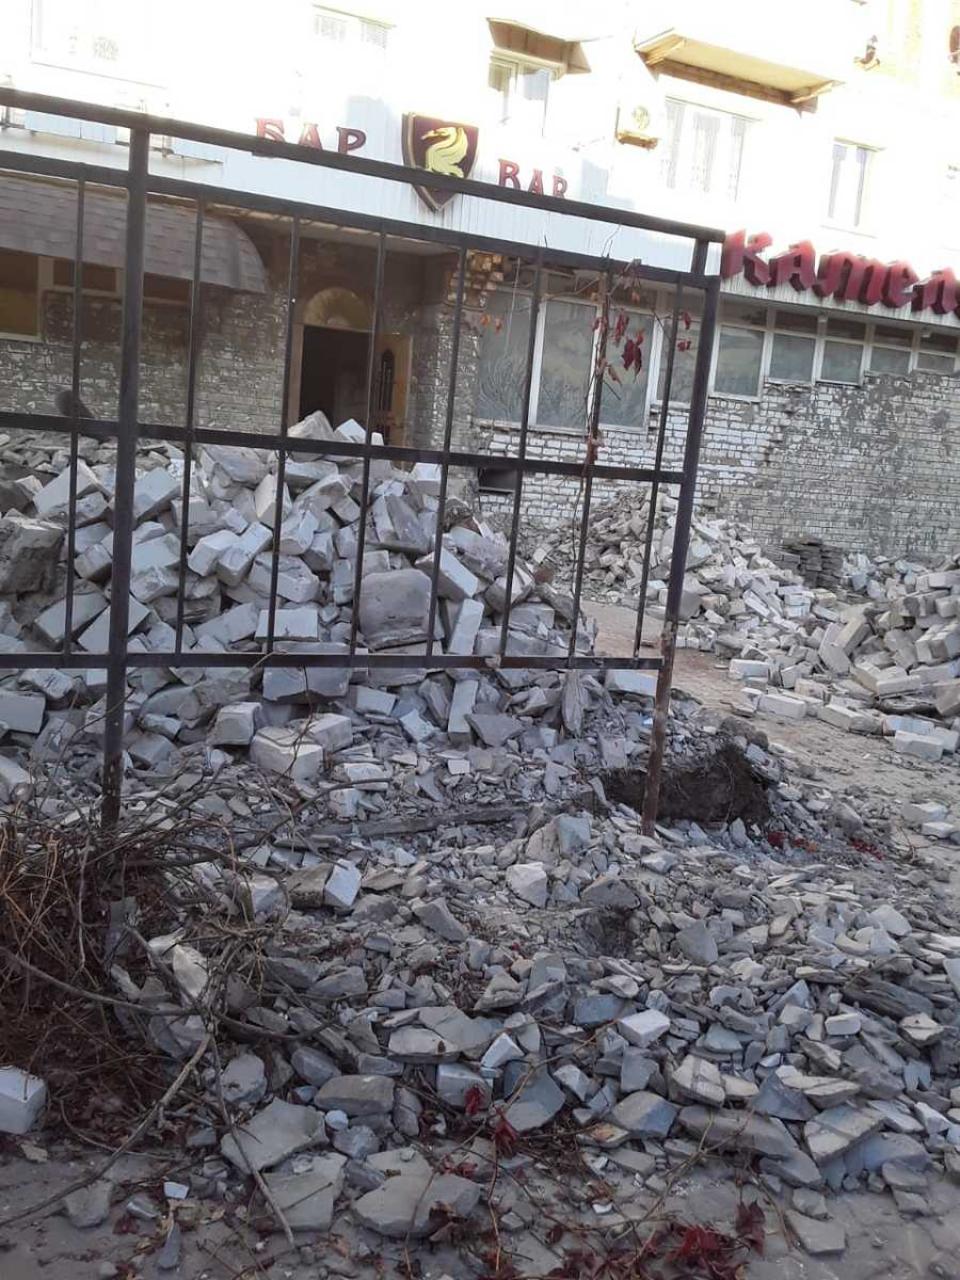 В Камышине от знаменитого ресторана «Камелот» осталась только груда мусора